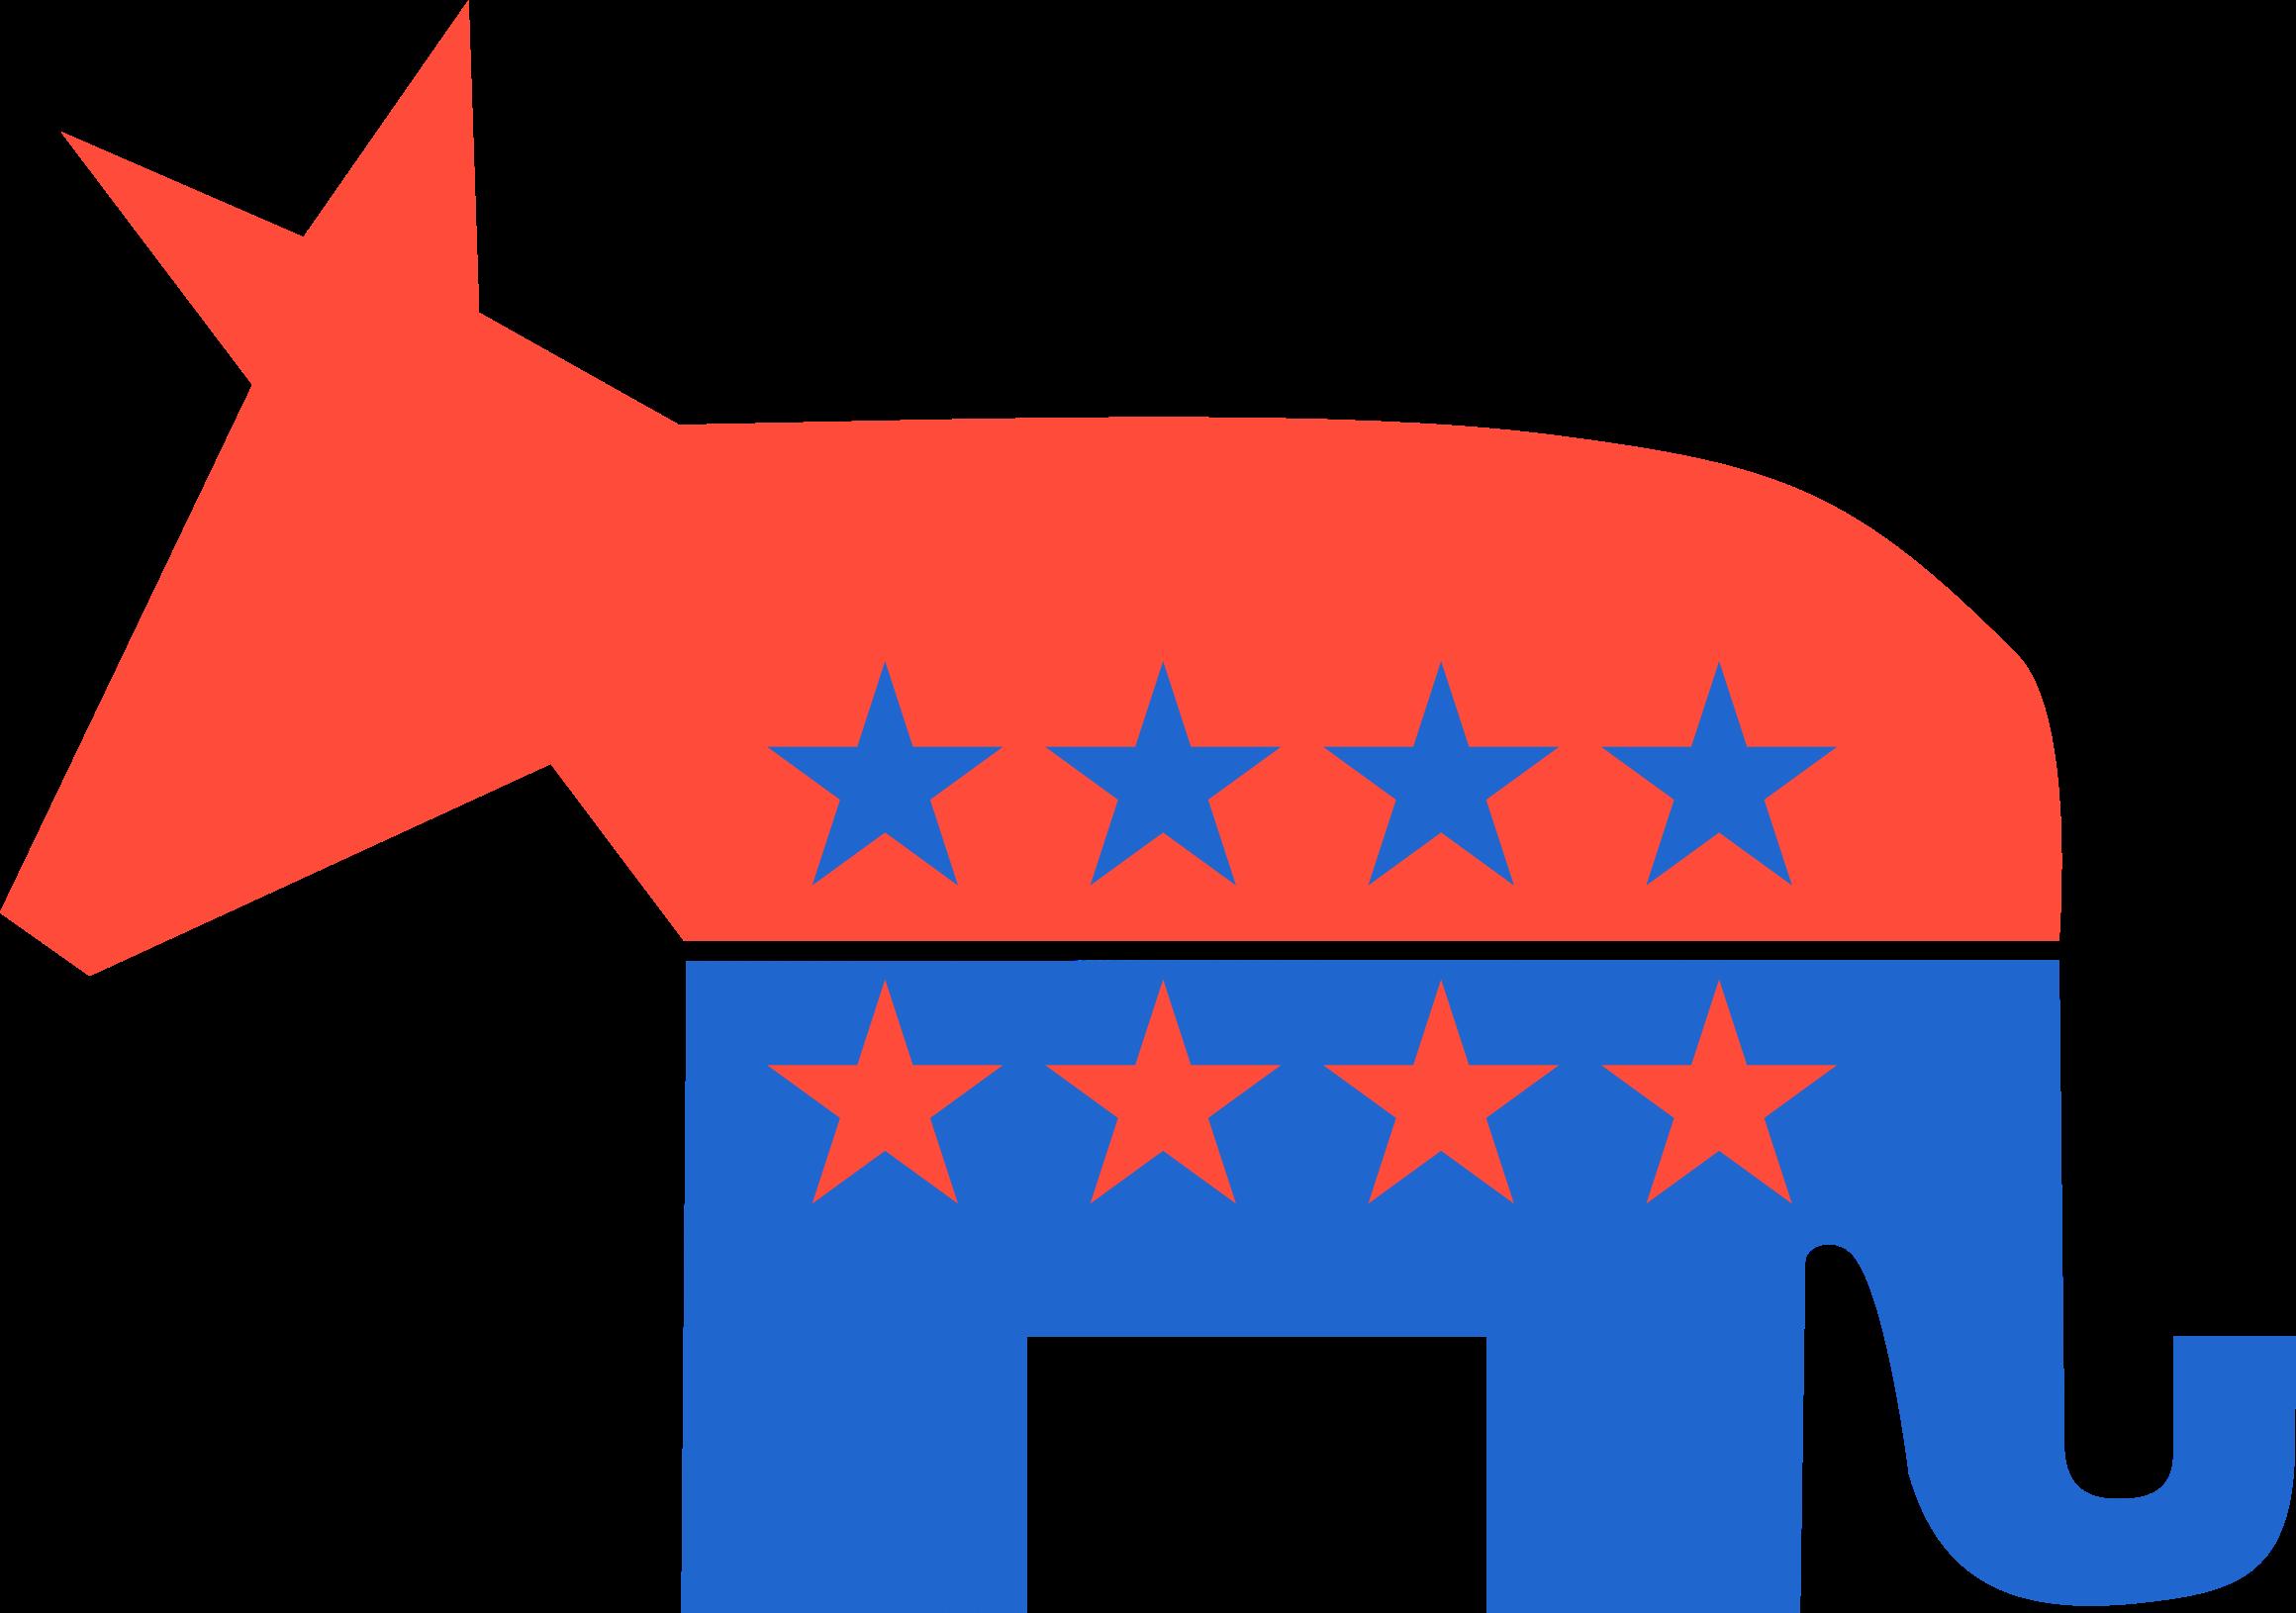 Republicrat big image png. Politics clipart democrat donkey